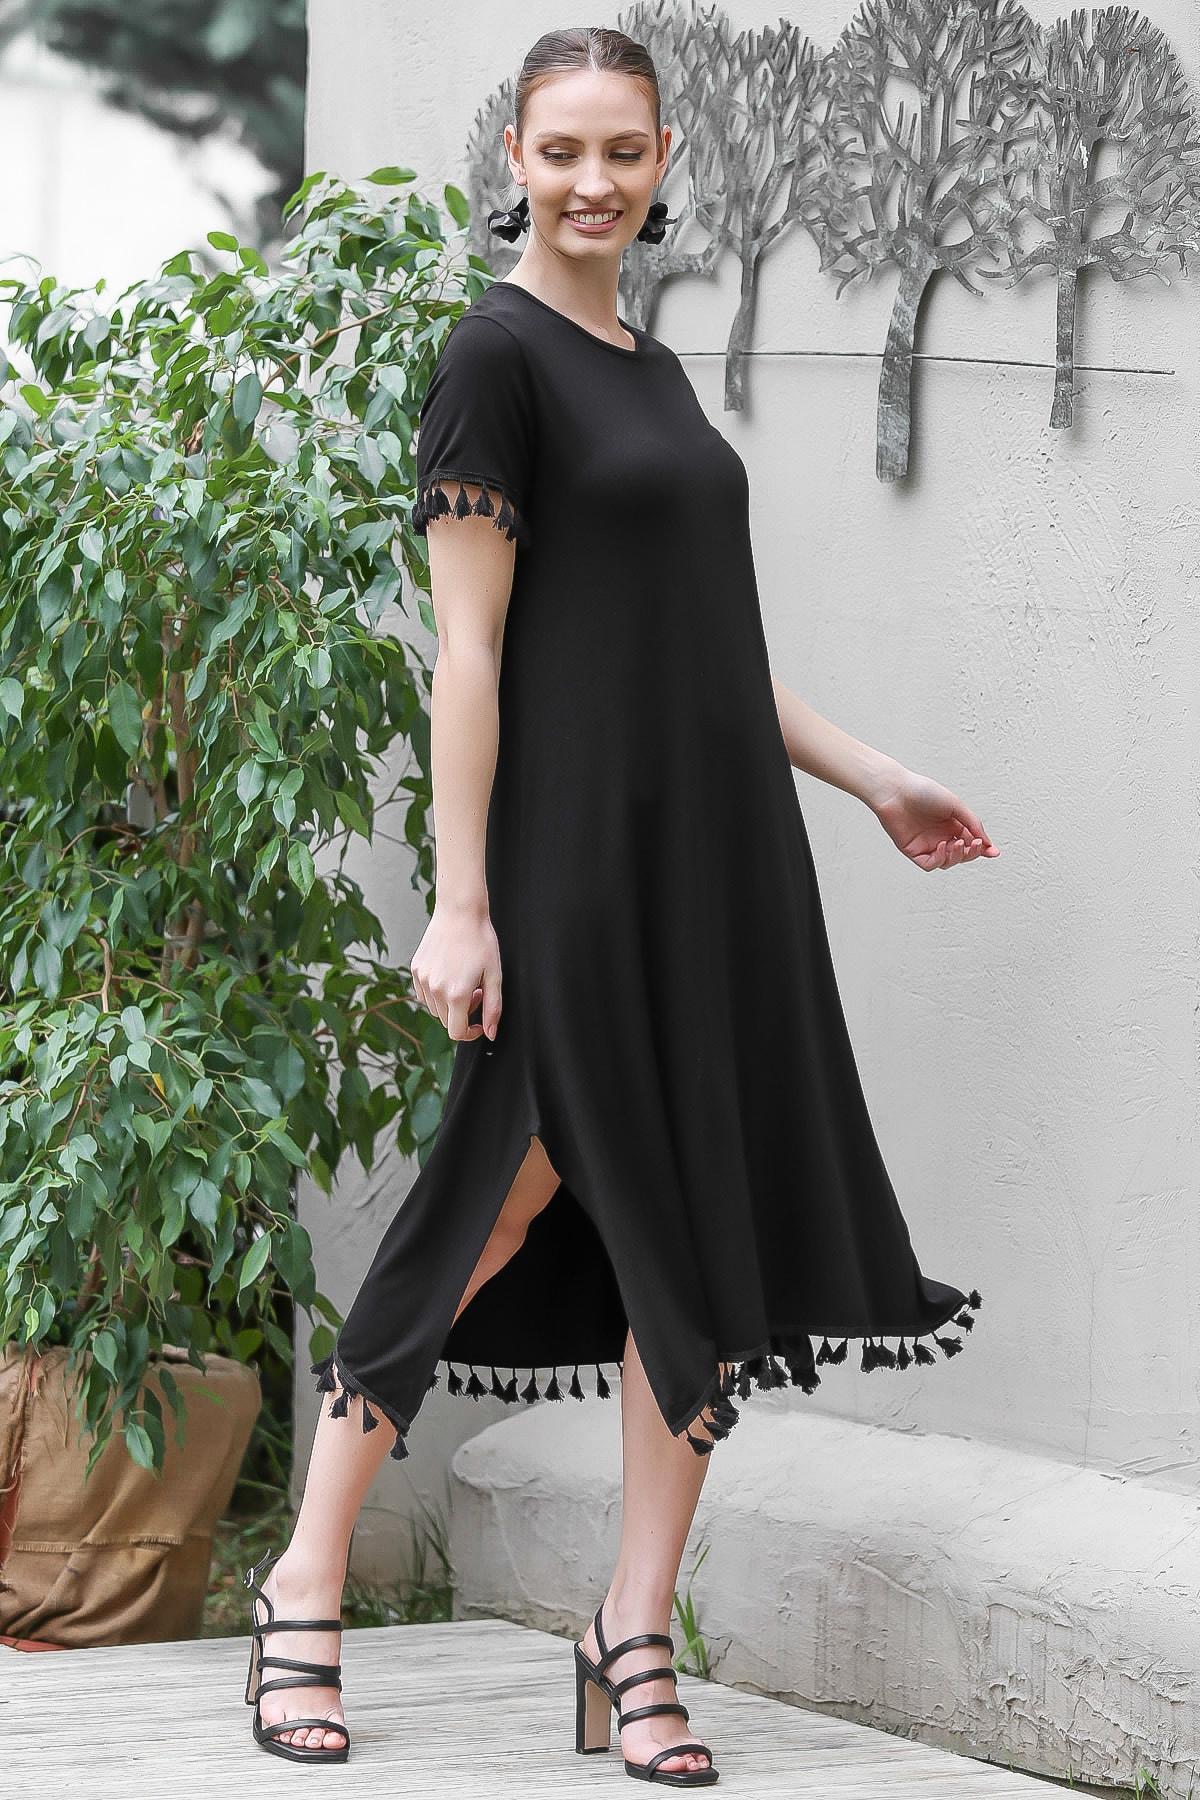 Chiccy Kadın Siyah Sıfır Yaka Kol Ve Etek Ucu Püsküllü Yırtmaçlı Elbise M10160000EL95067 1